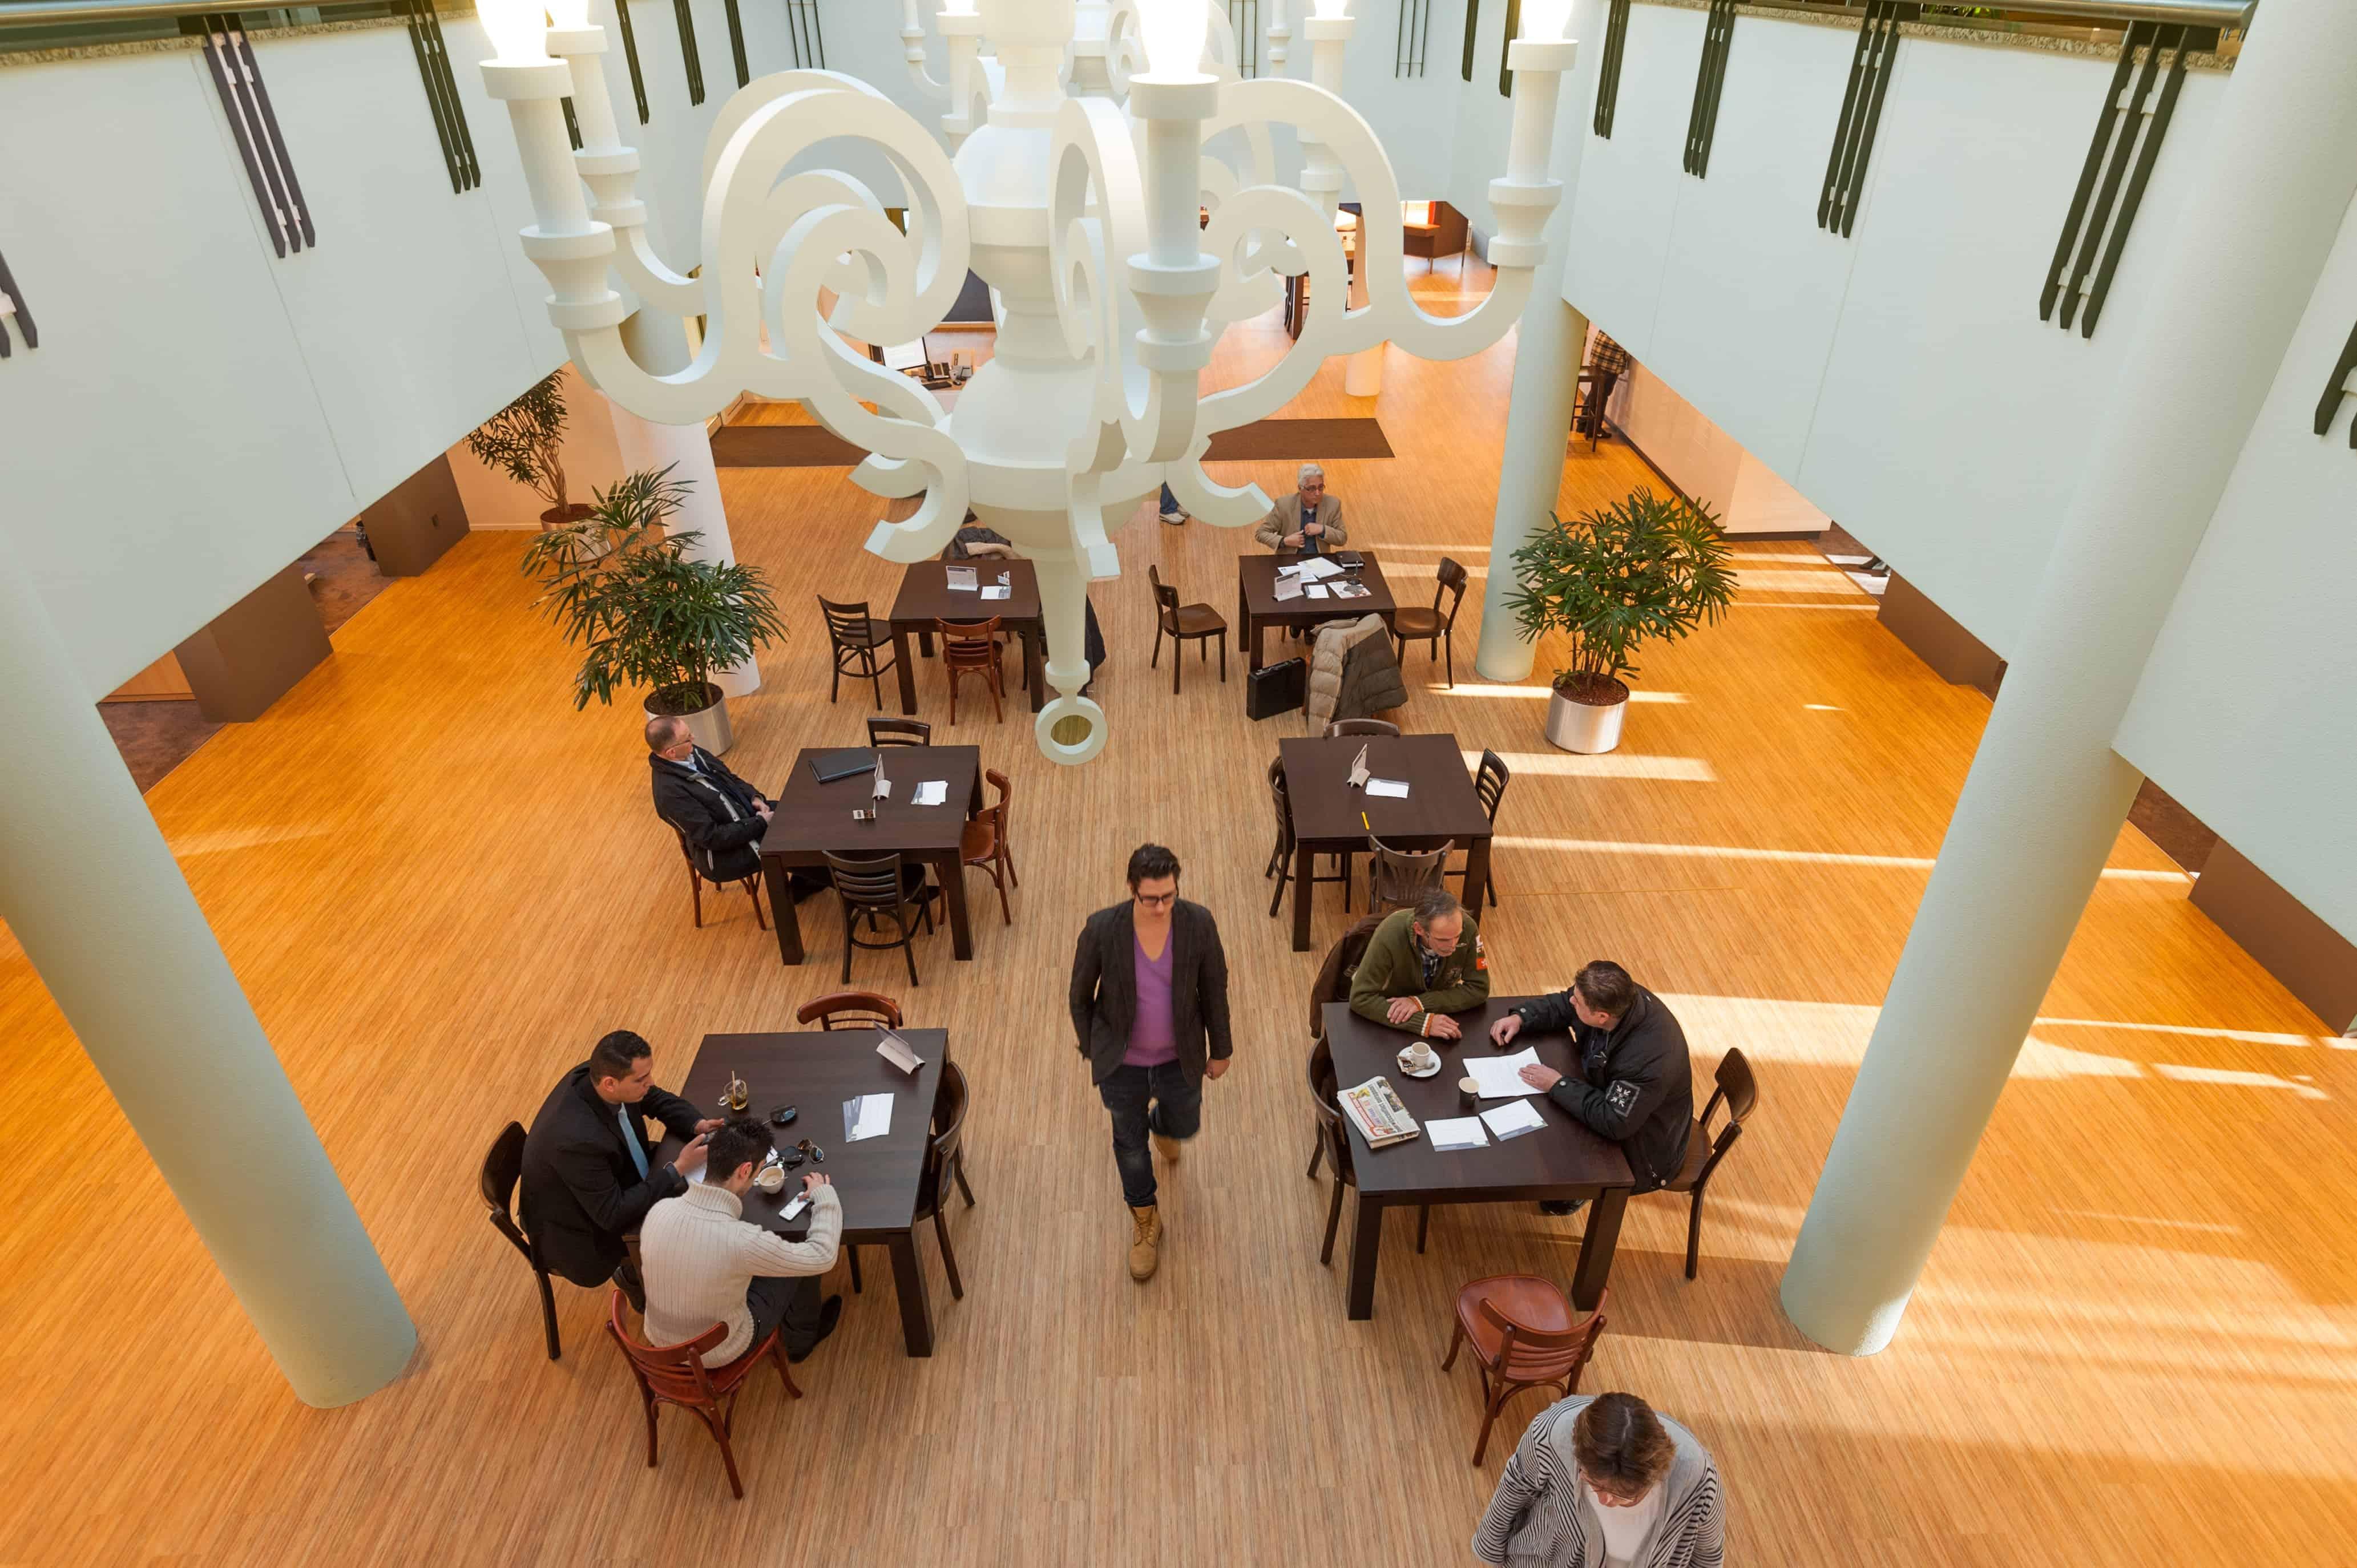 Grote open energiek ruimte voor ondernemers in regio Amersfoort als ontmoetingsplek